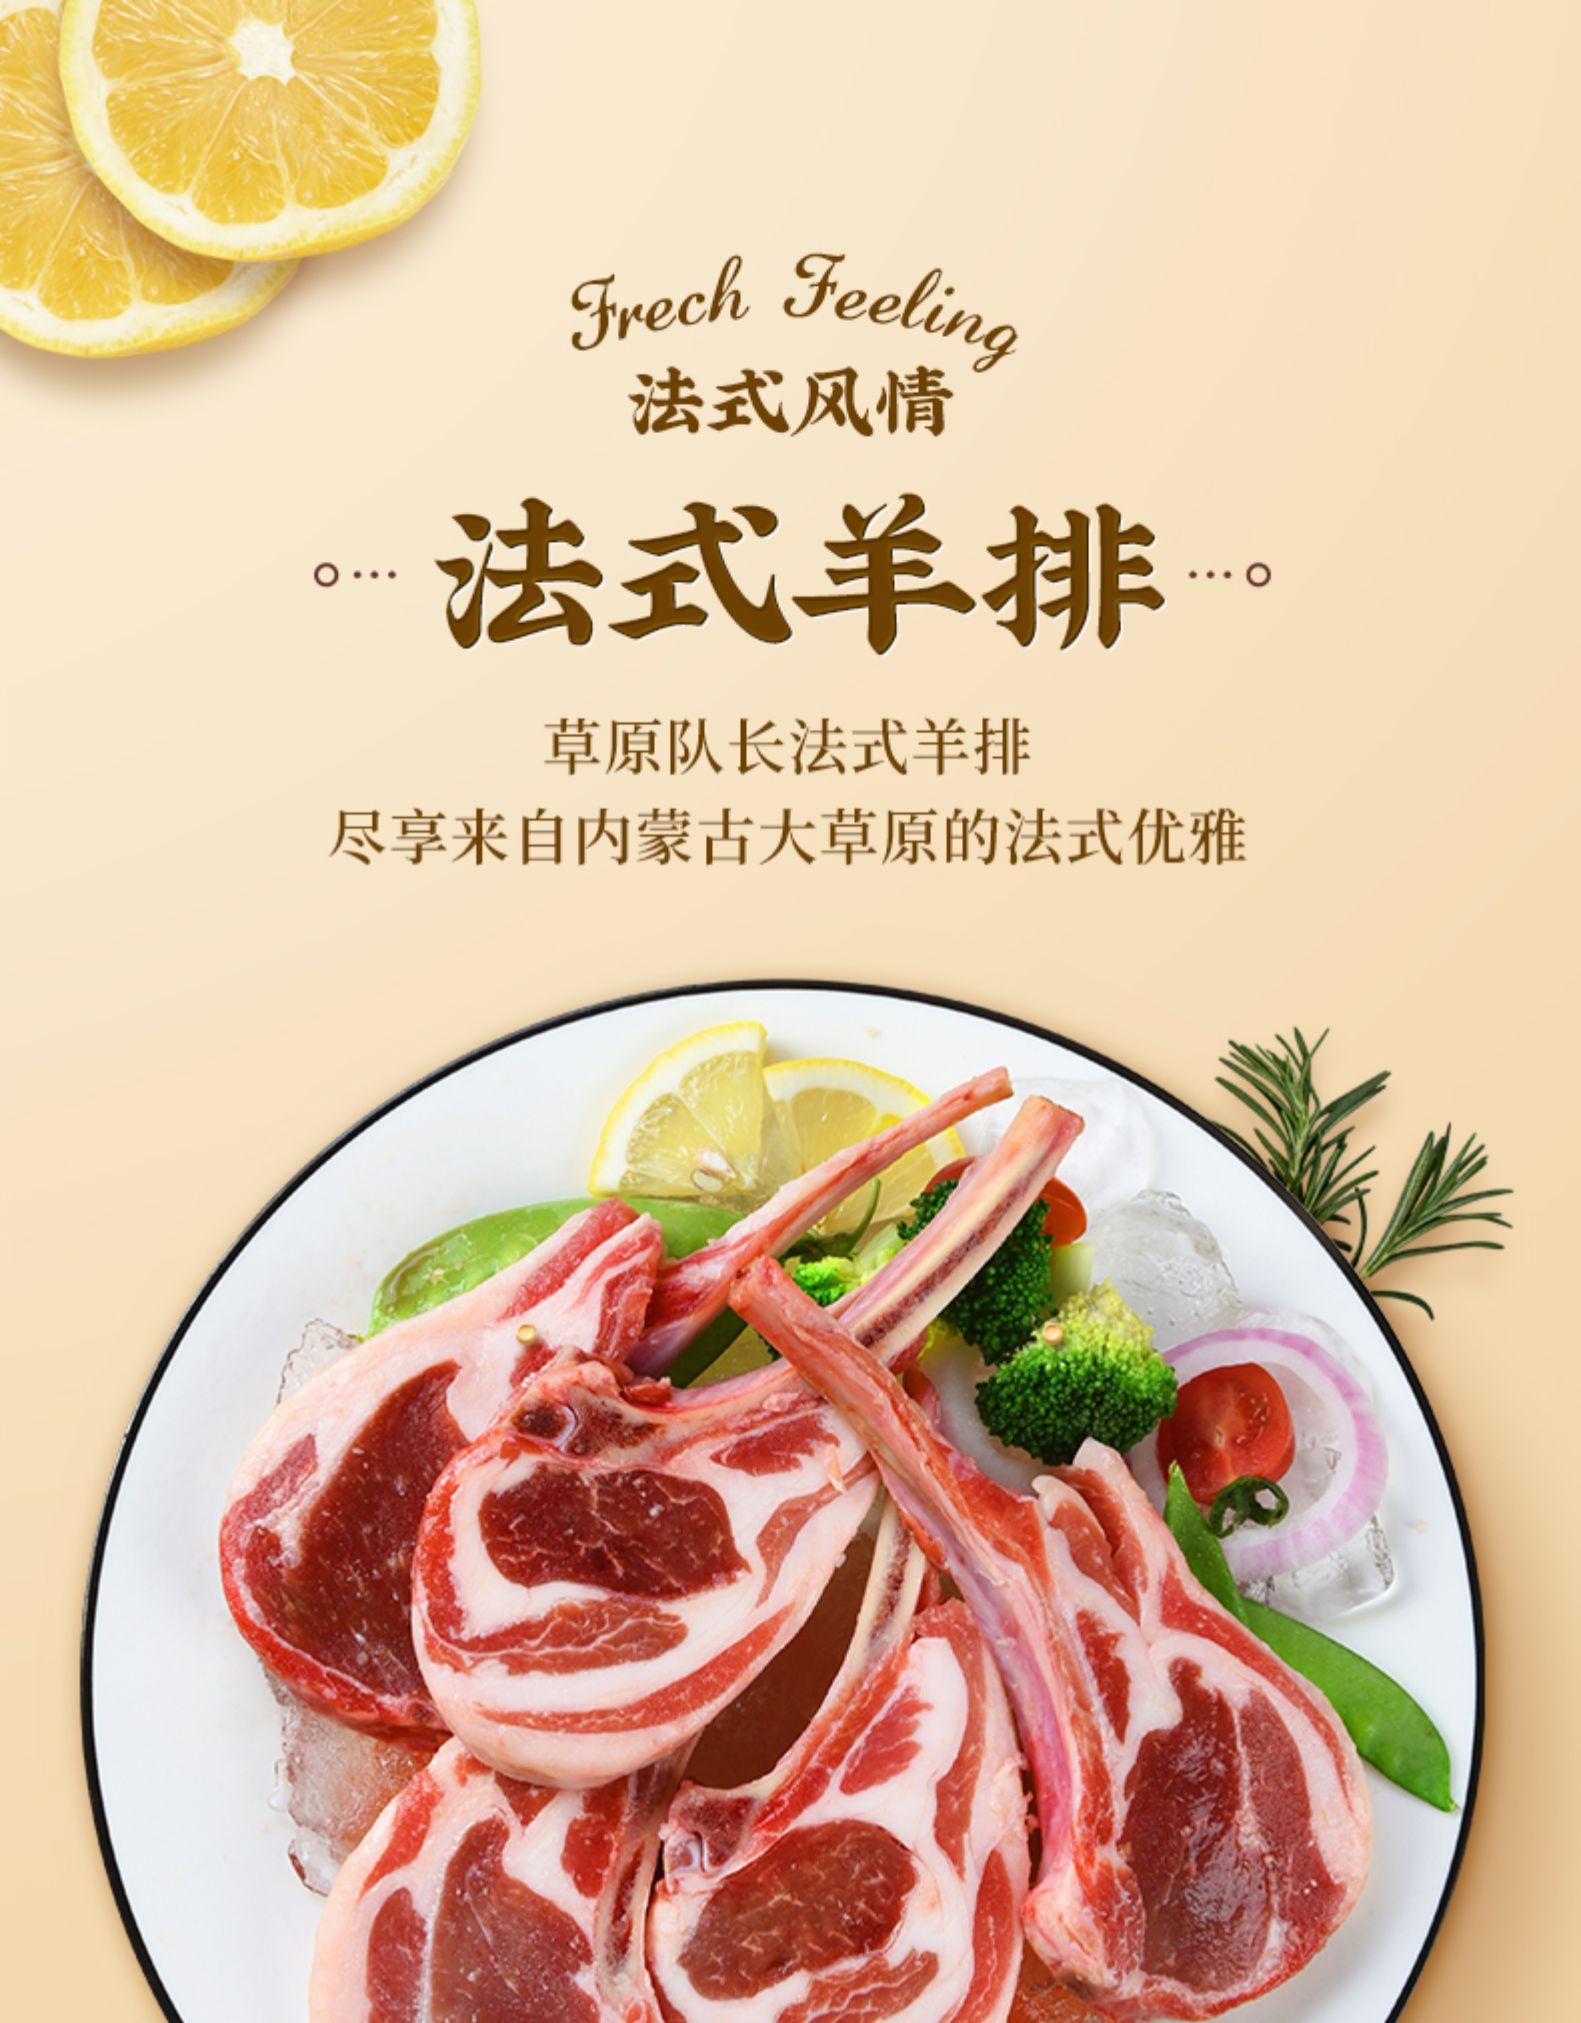 草原队长 内蒙古新鲜法式战斧羊排 16片共1000g 天猫优惠券折后¥138包邮(¥148-10)